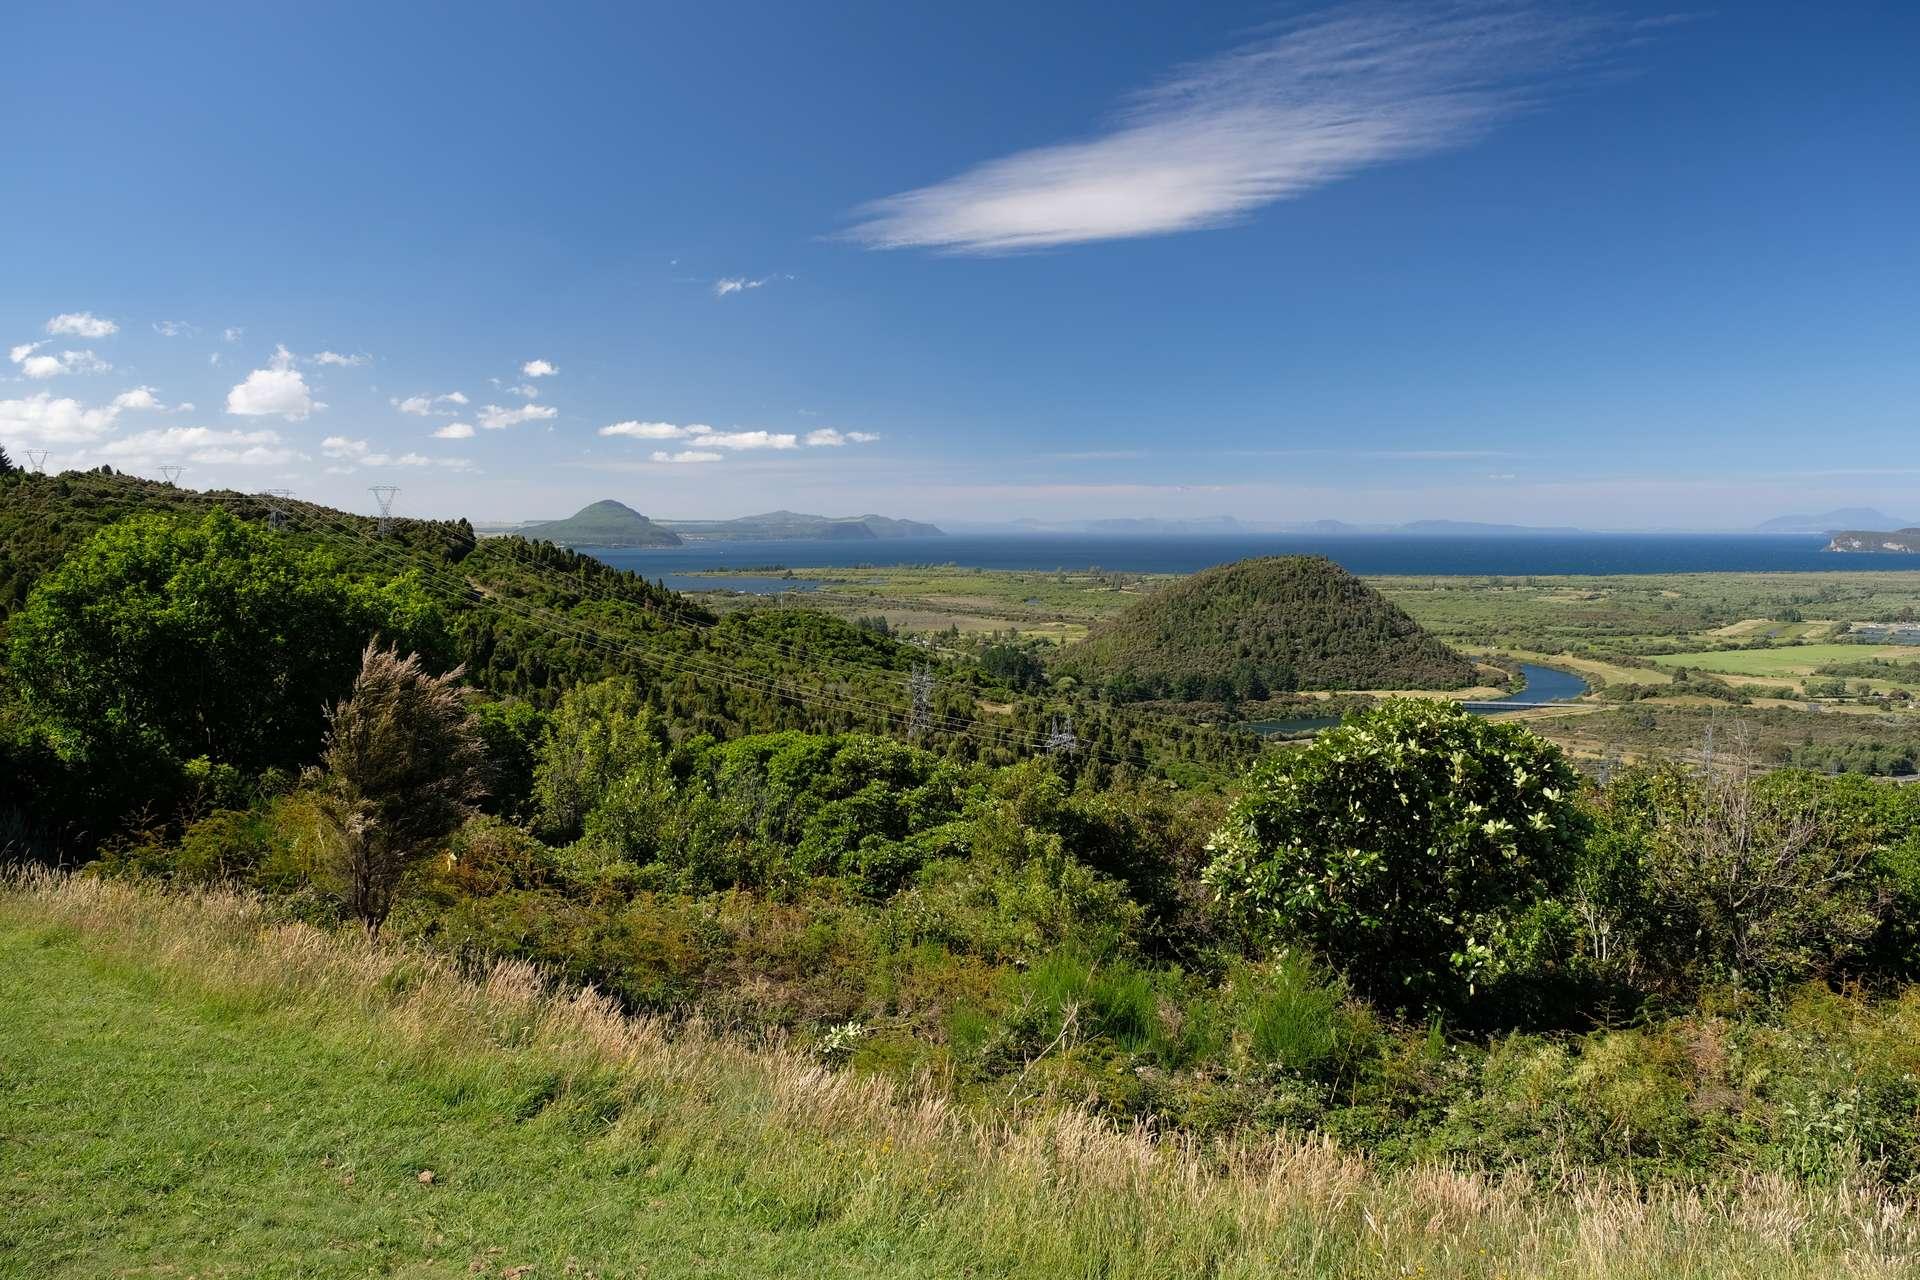 Nieuw-Zeeland, groen uitzicht